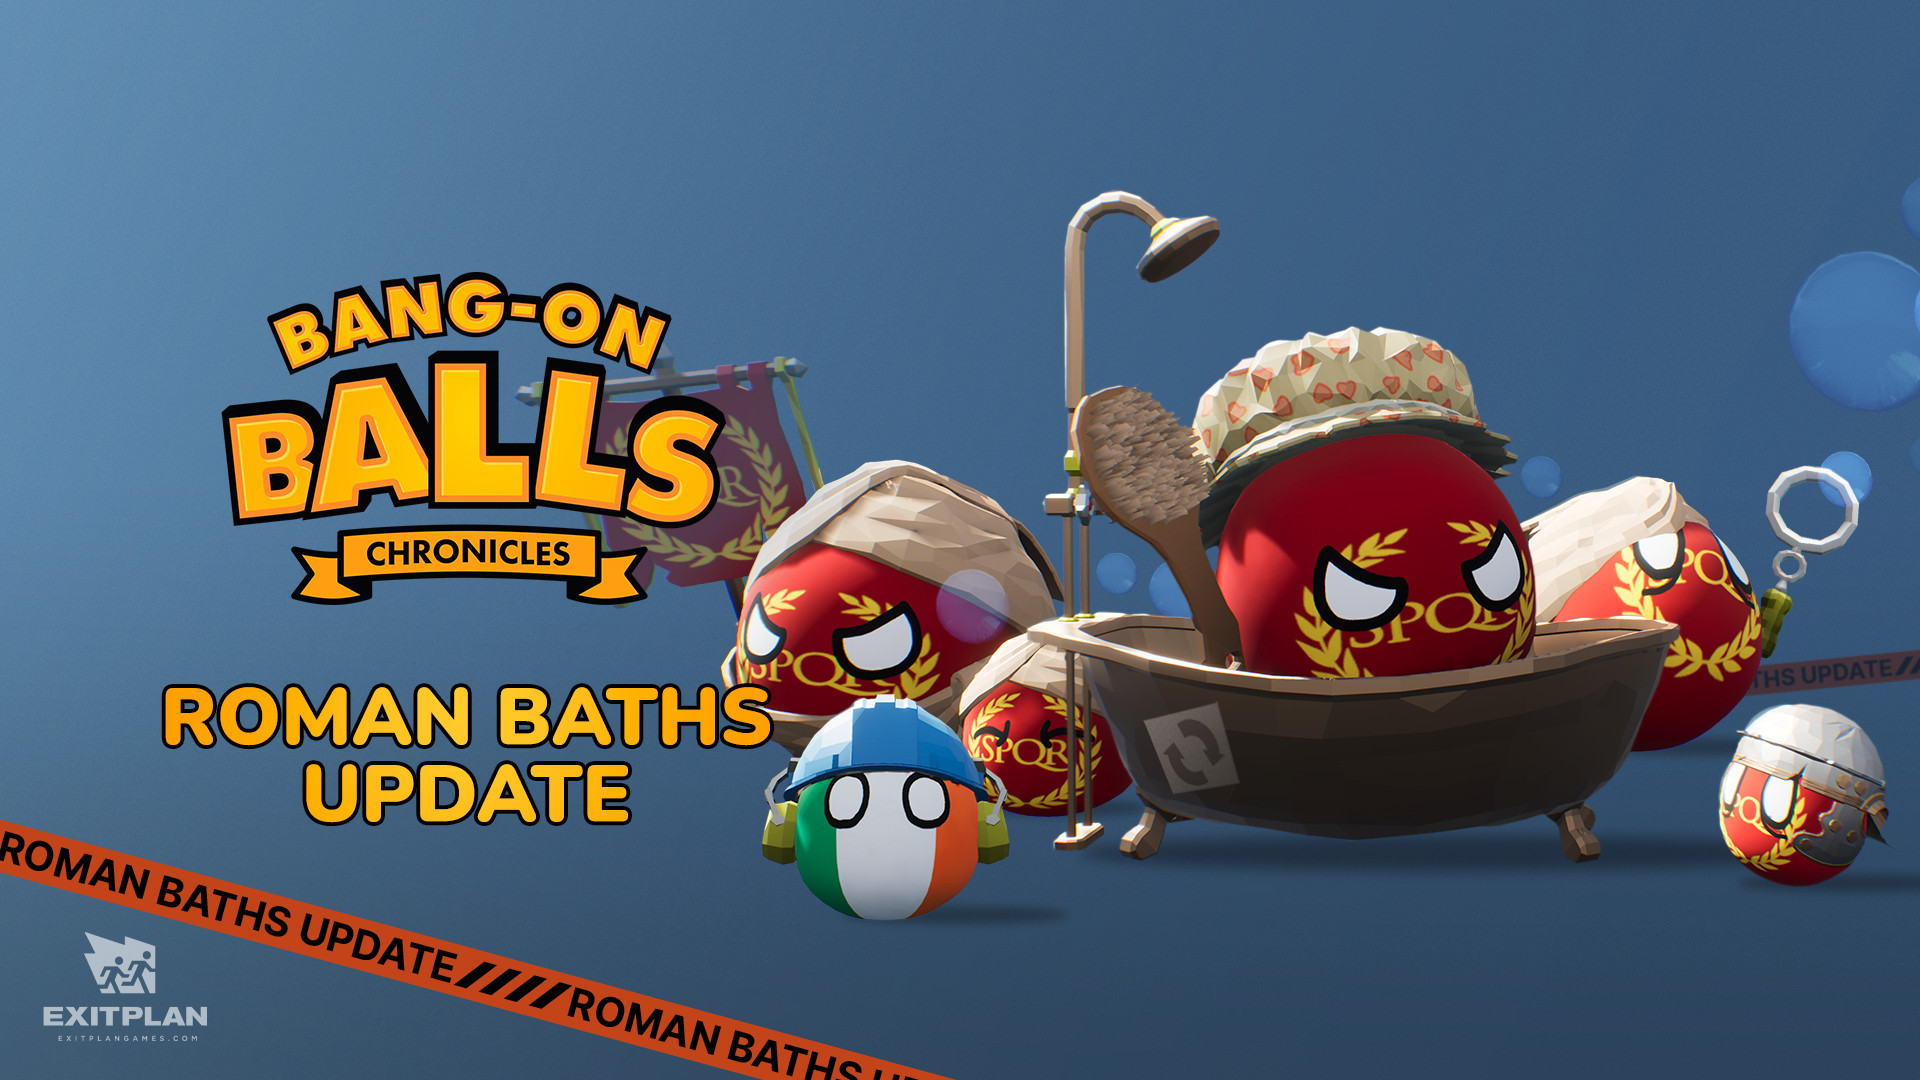 Идите в баню: в Bang-on Balls: Chronicles добавили новое подземелье